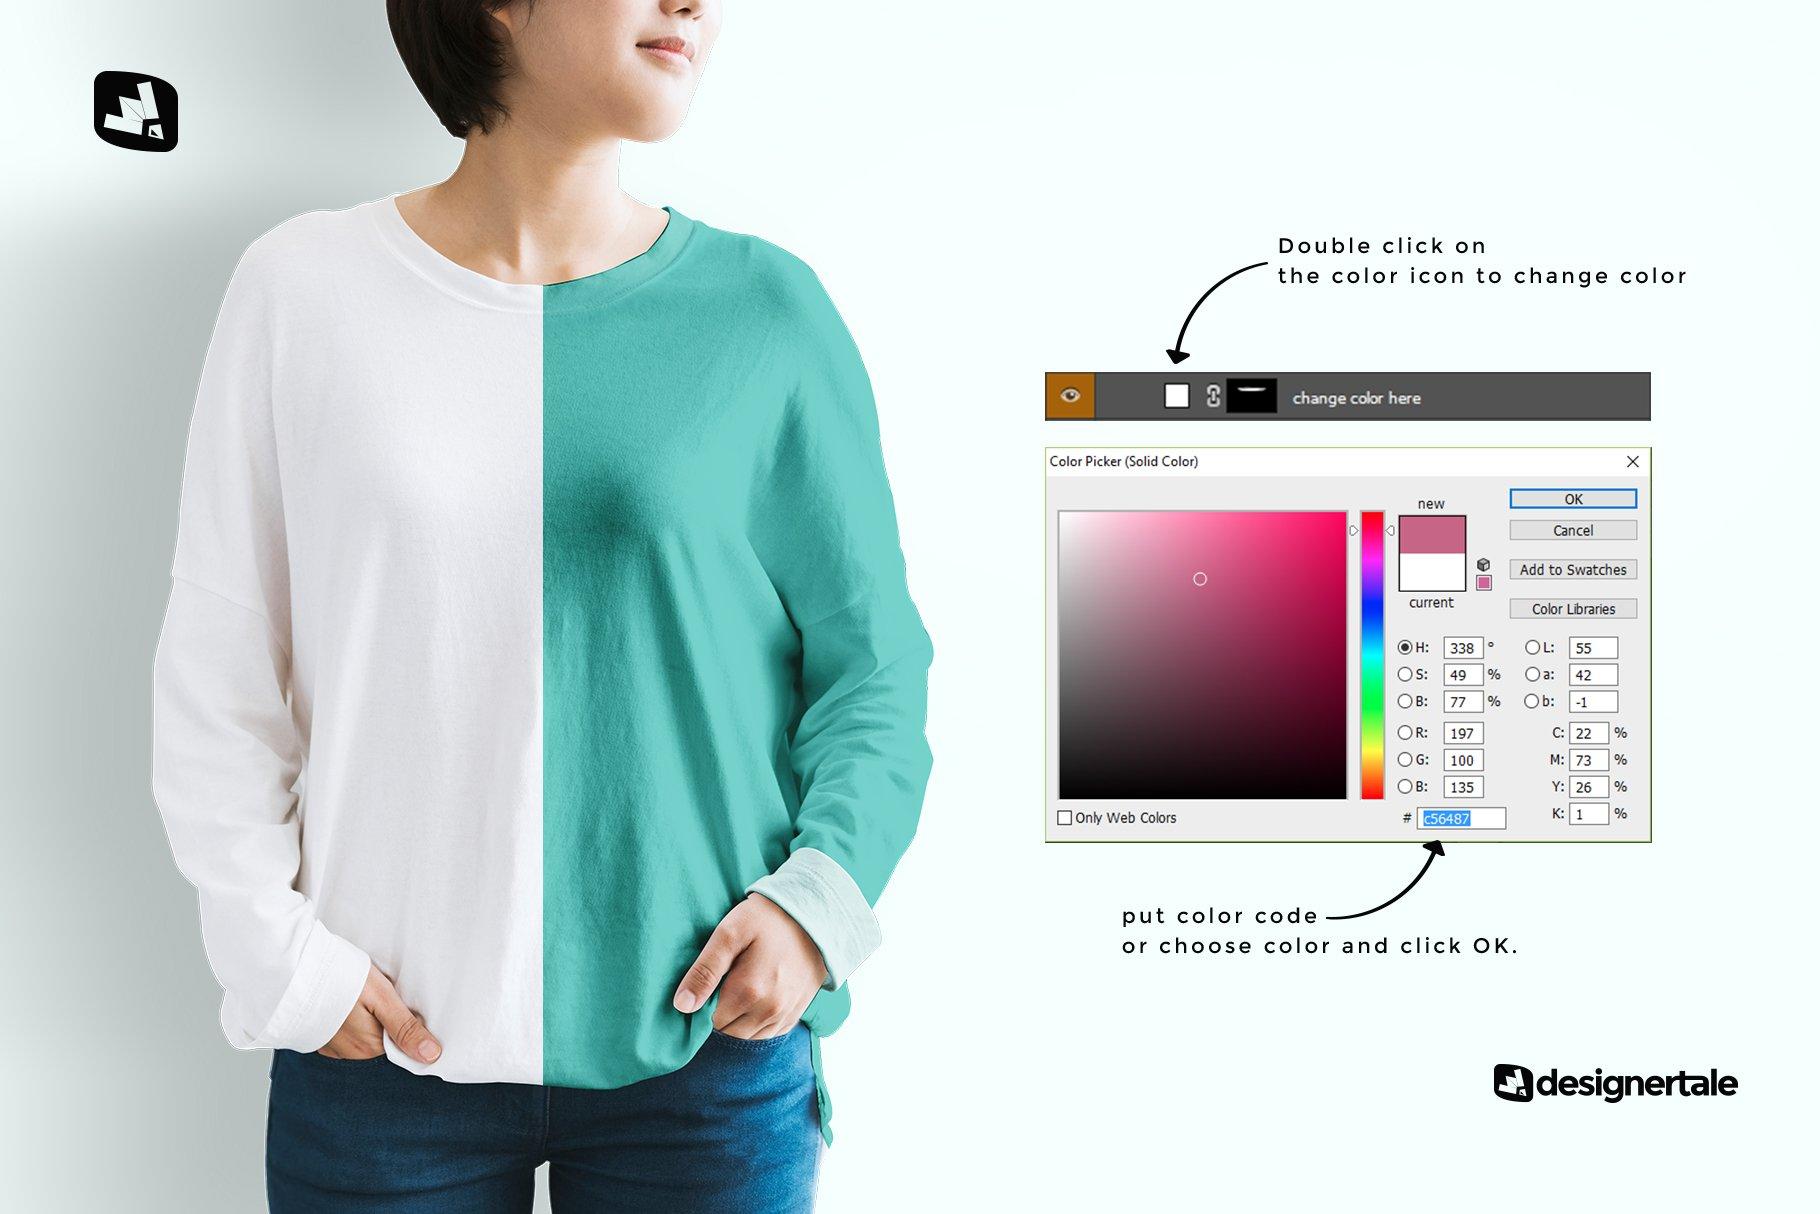 女士半袖T恤印花图案设计展示贴图样机模板素材 Womens Full Sleeve Tshirt Mockup插图2